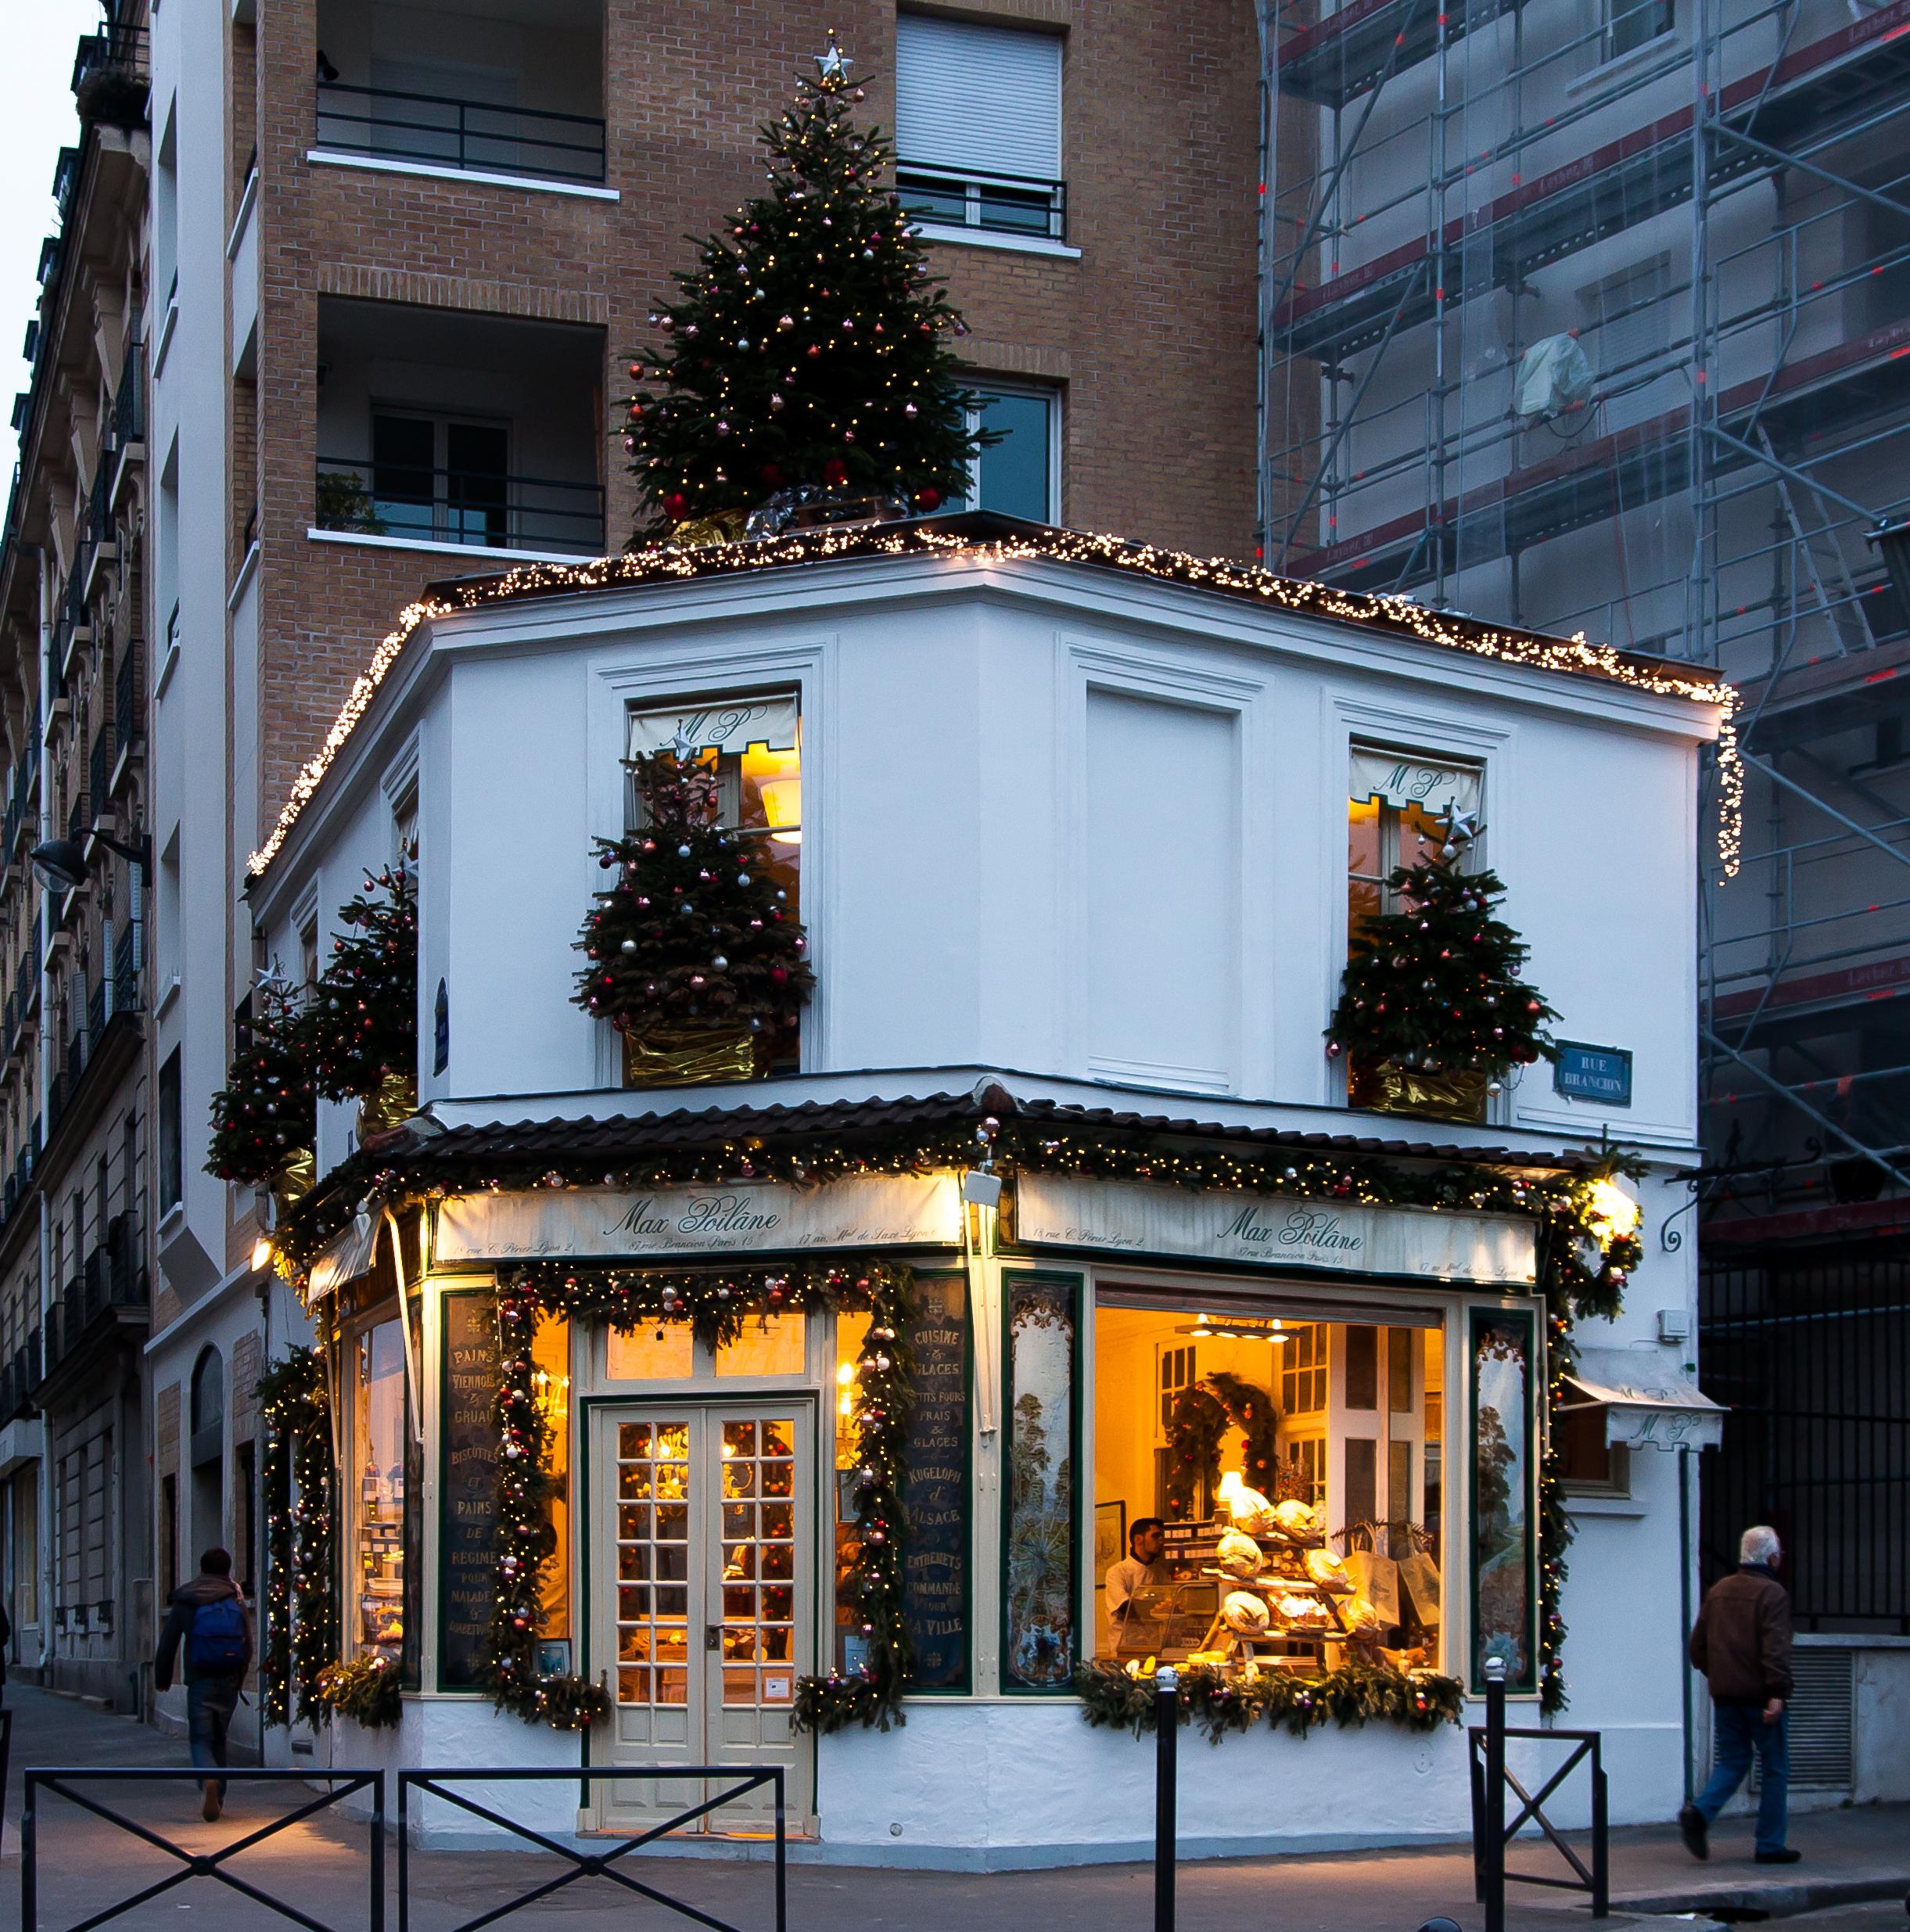 FileDcoration De Nol Chez Poilne 2 Parisjpg